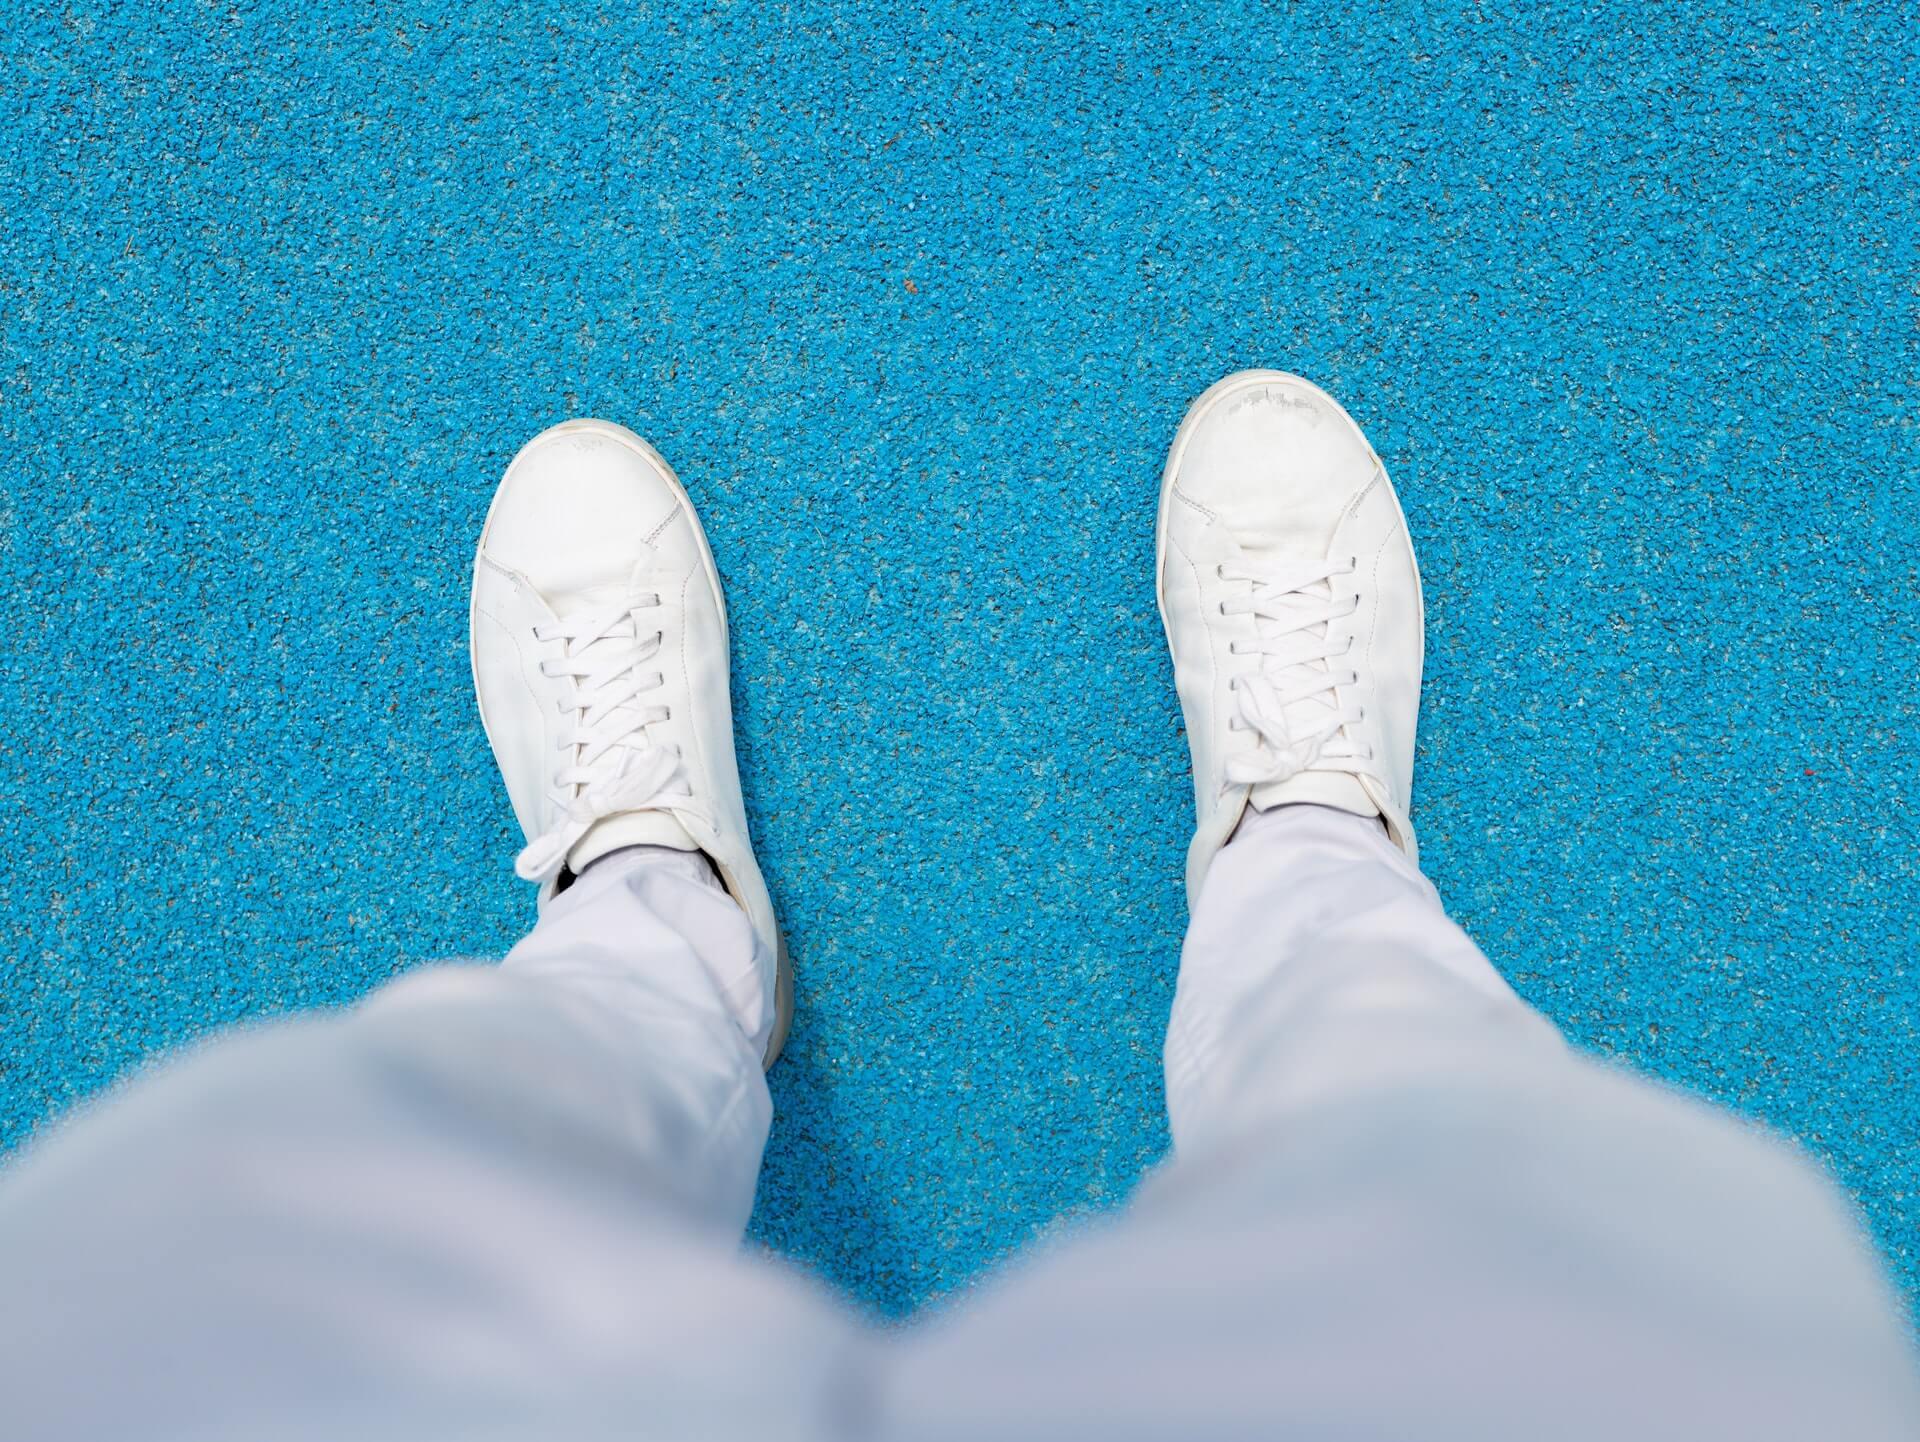 białe sneakersy, do czego